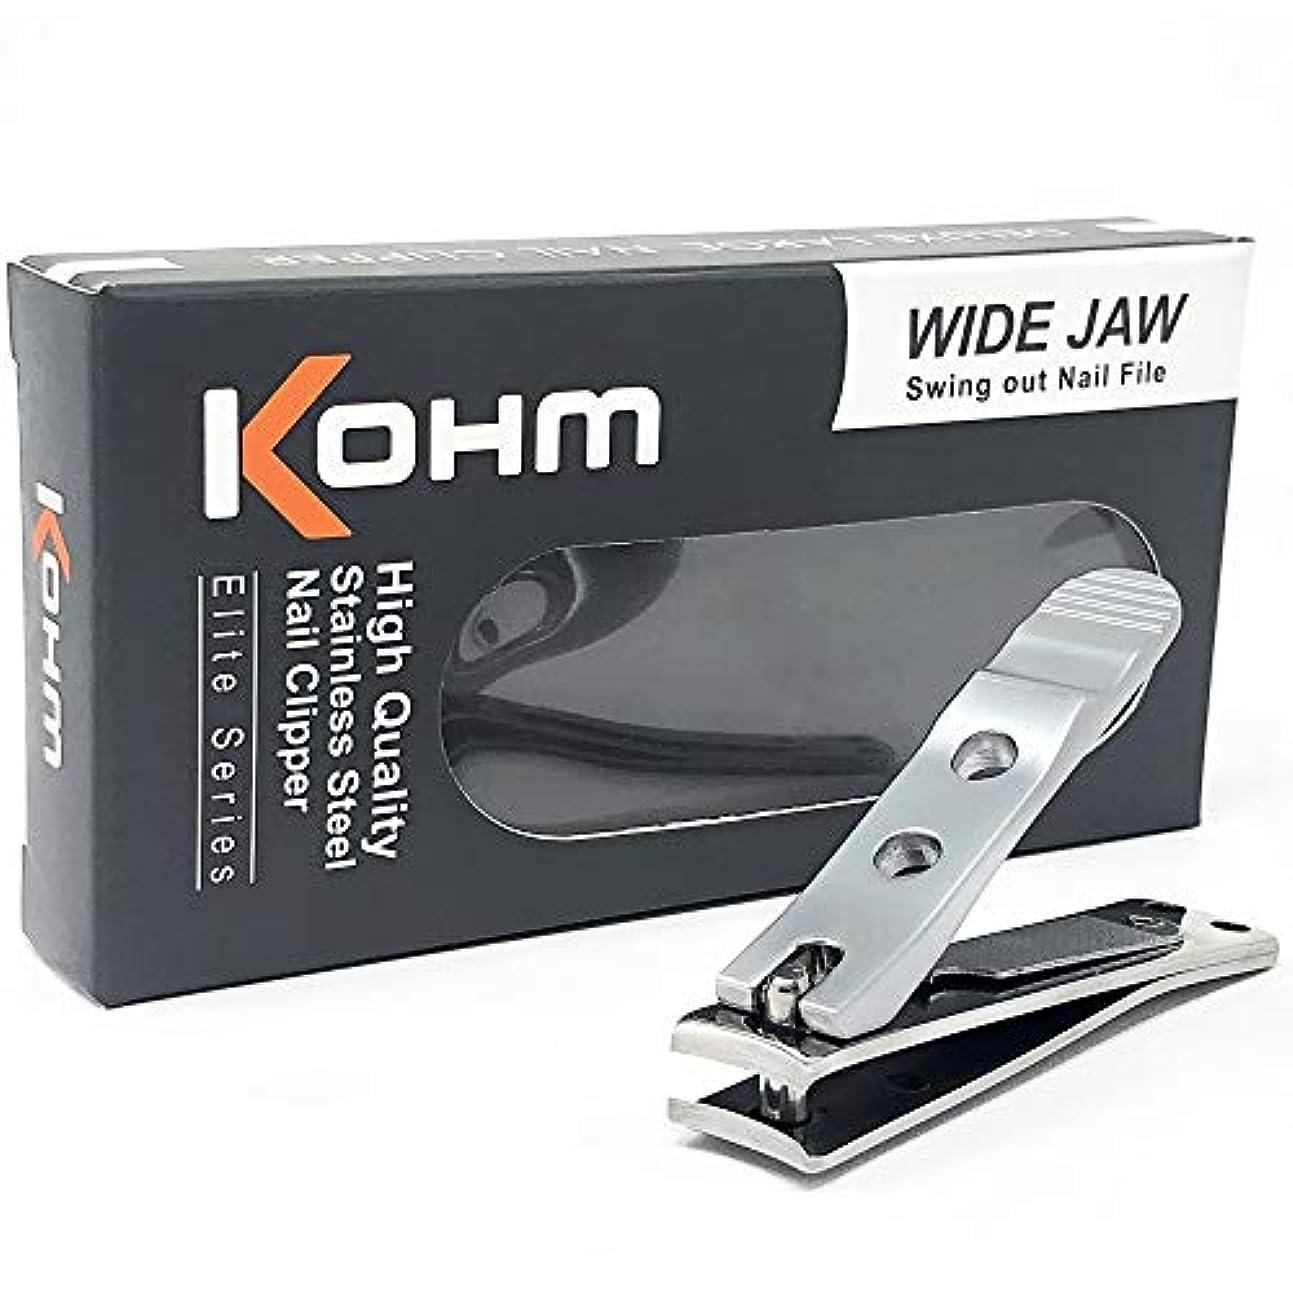 空いているハリウッド一見Kohm WHS-440L厚手の爪のための足のつかみ4mmの広い顎、湾曲した刃、釘のファイル、ヘビーデューティ。